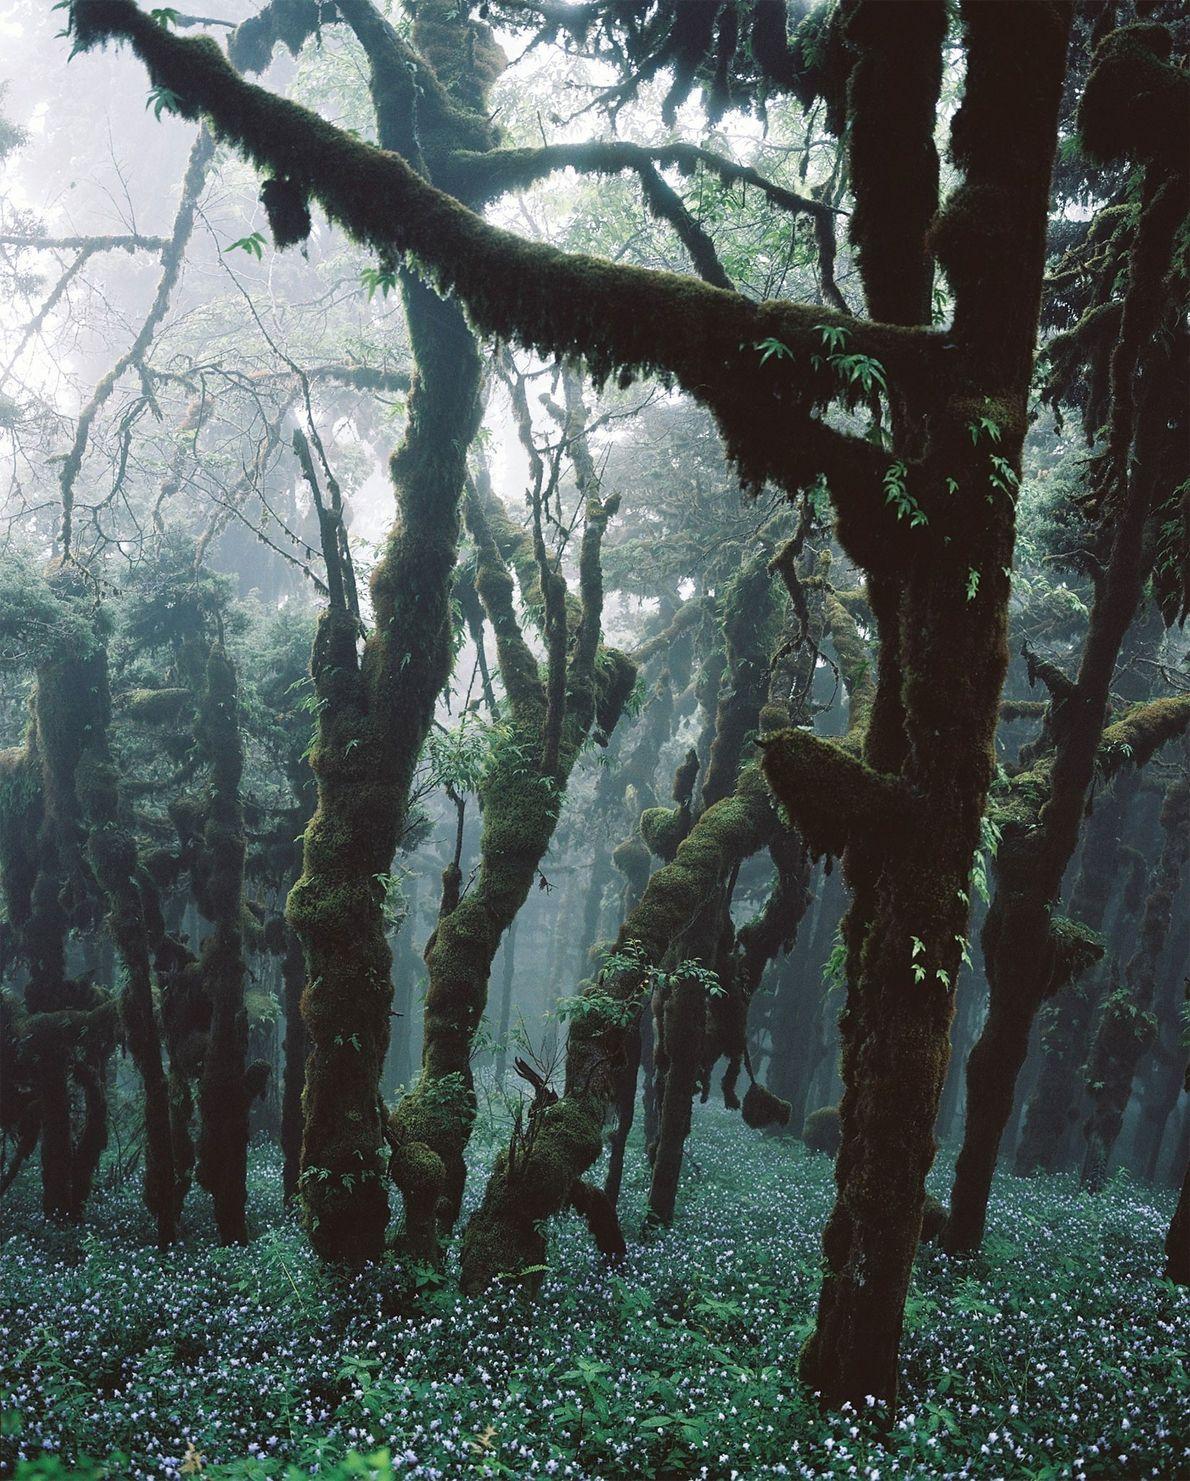 Los abetos crean una densa cubierta forestal en este bosque de Bután. La constitución de Bután ...